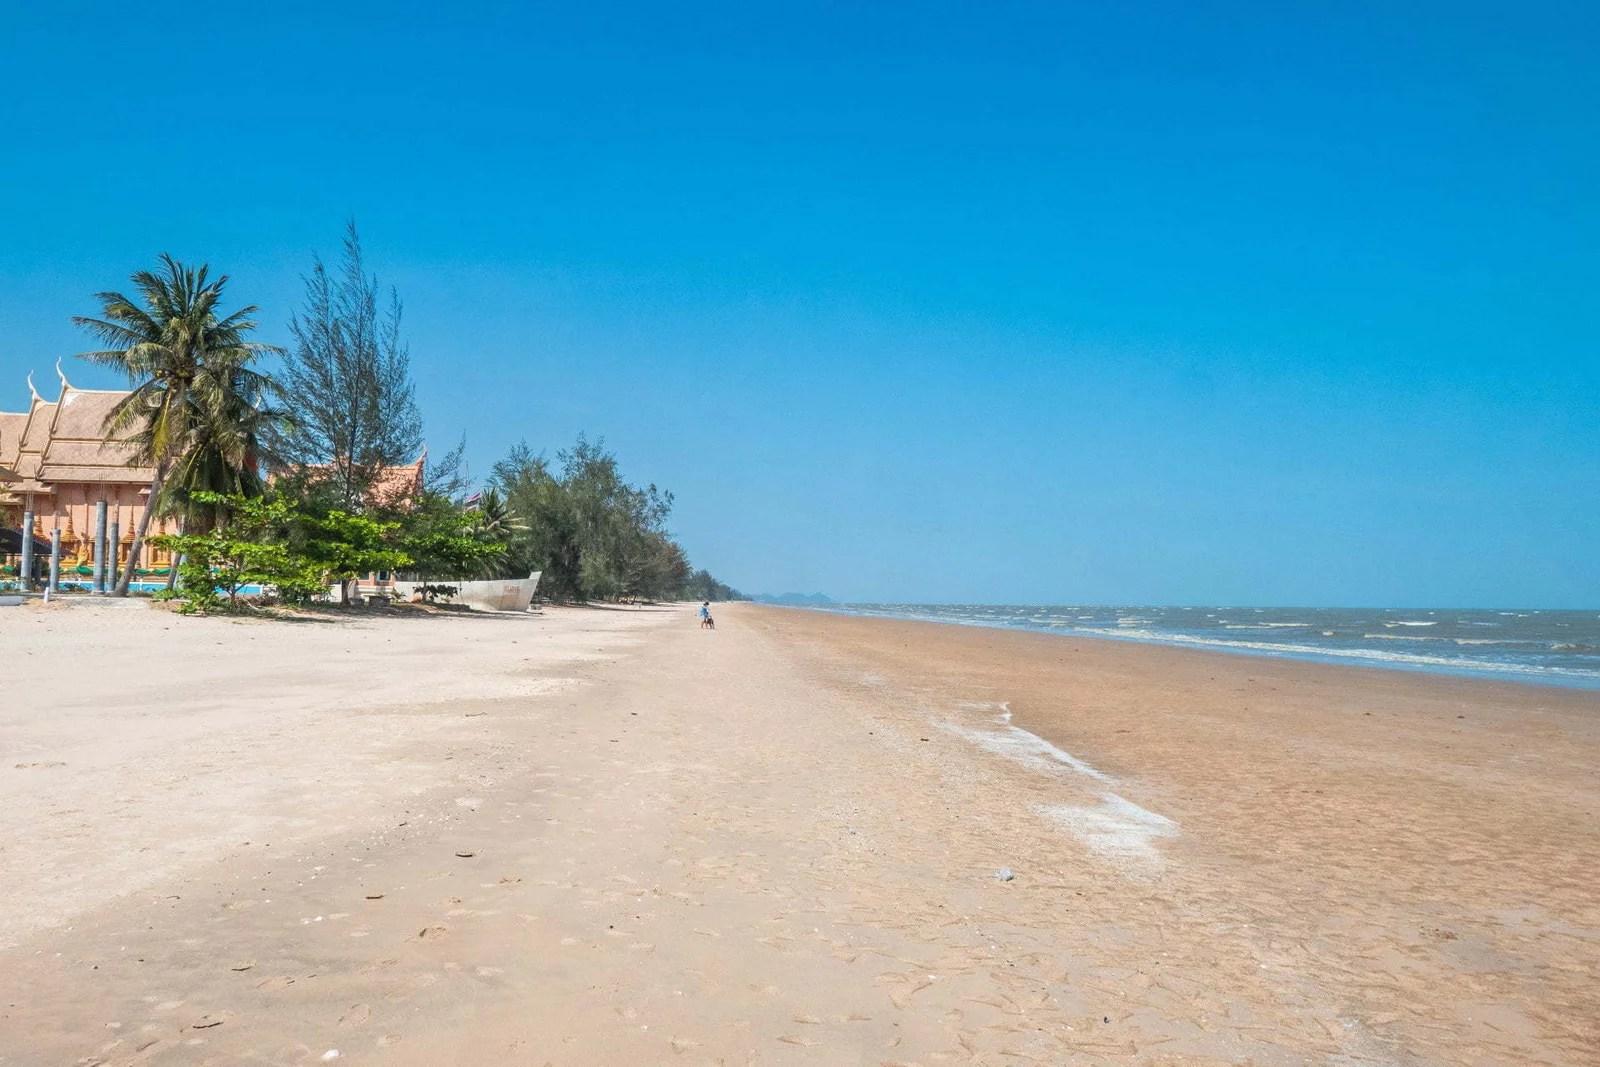 plage deserte bonok - province prachuap khiri khan